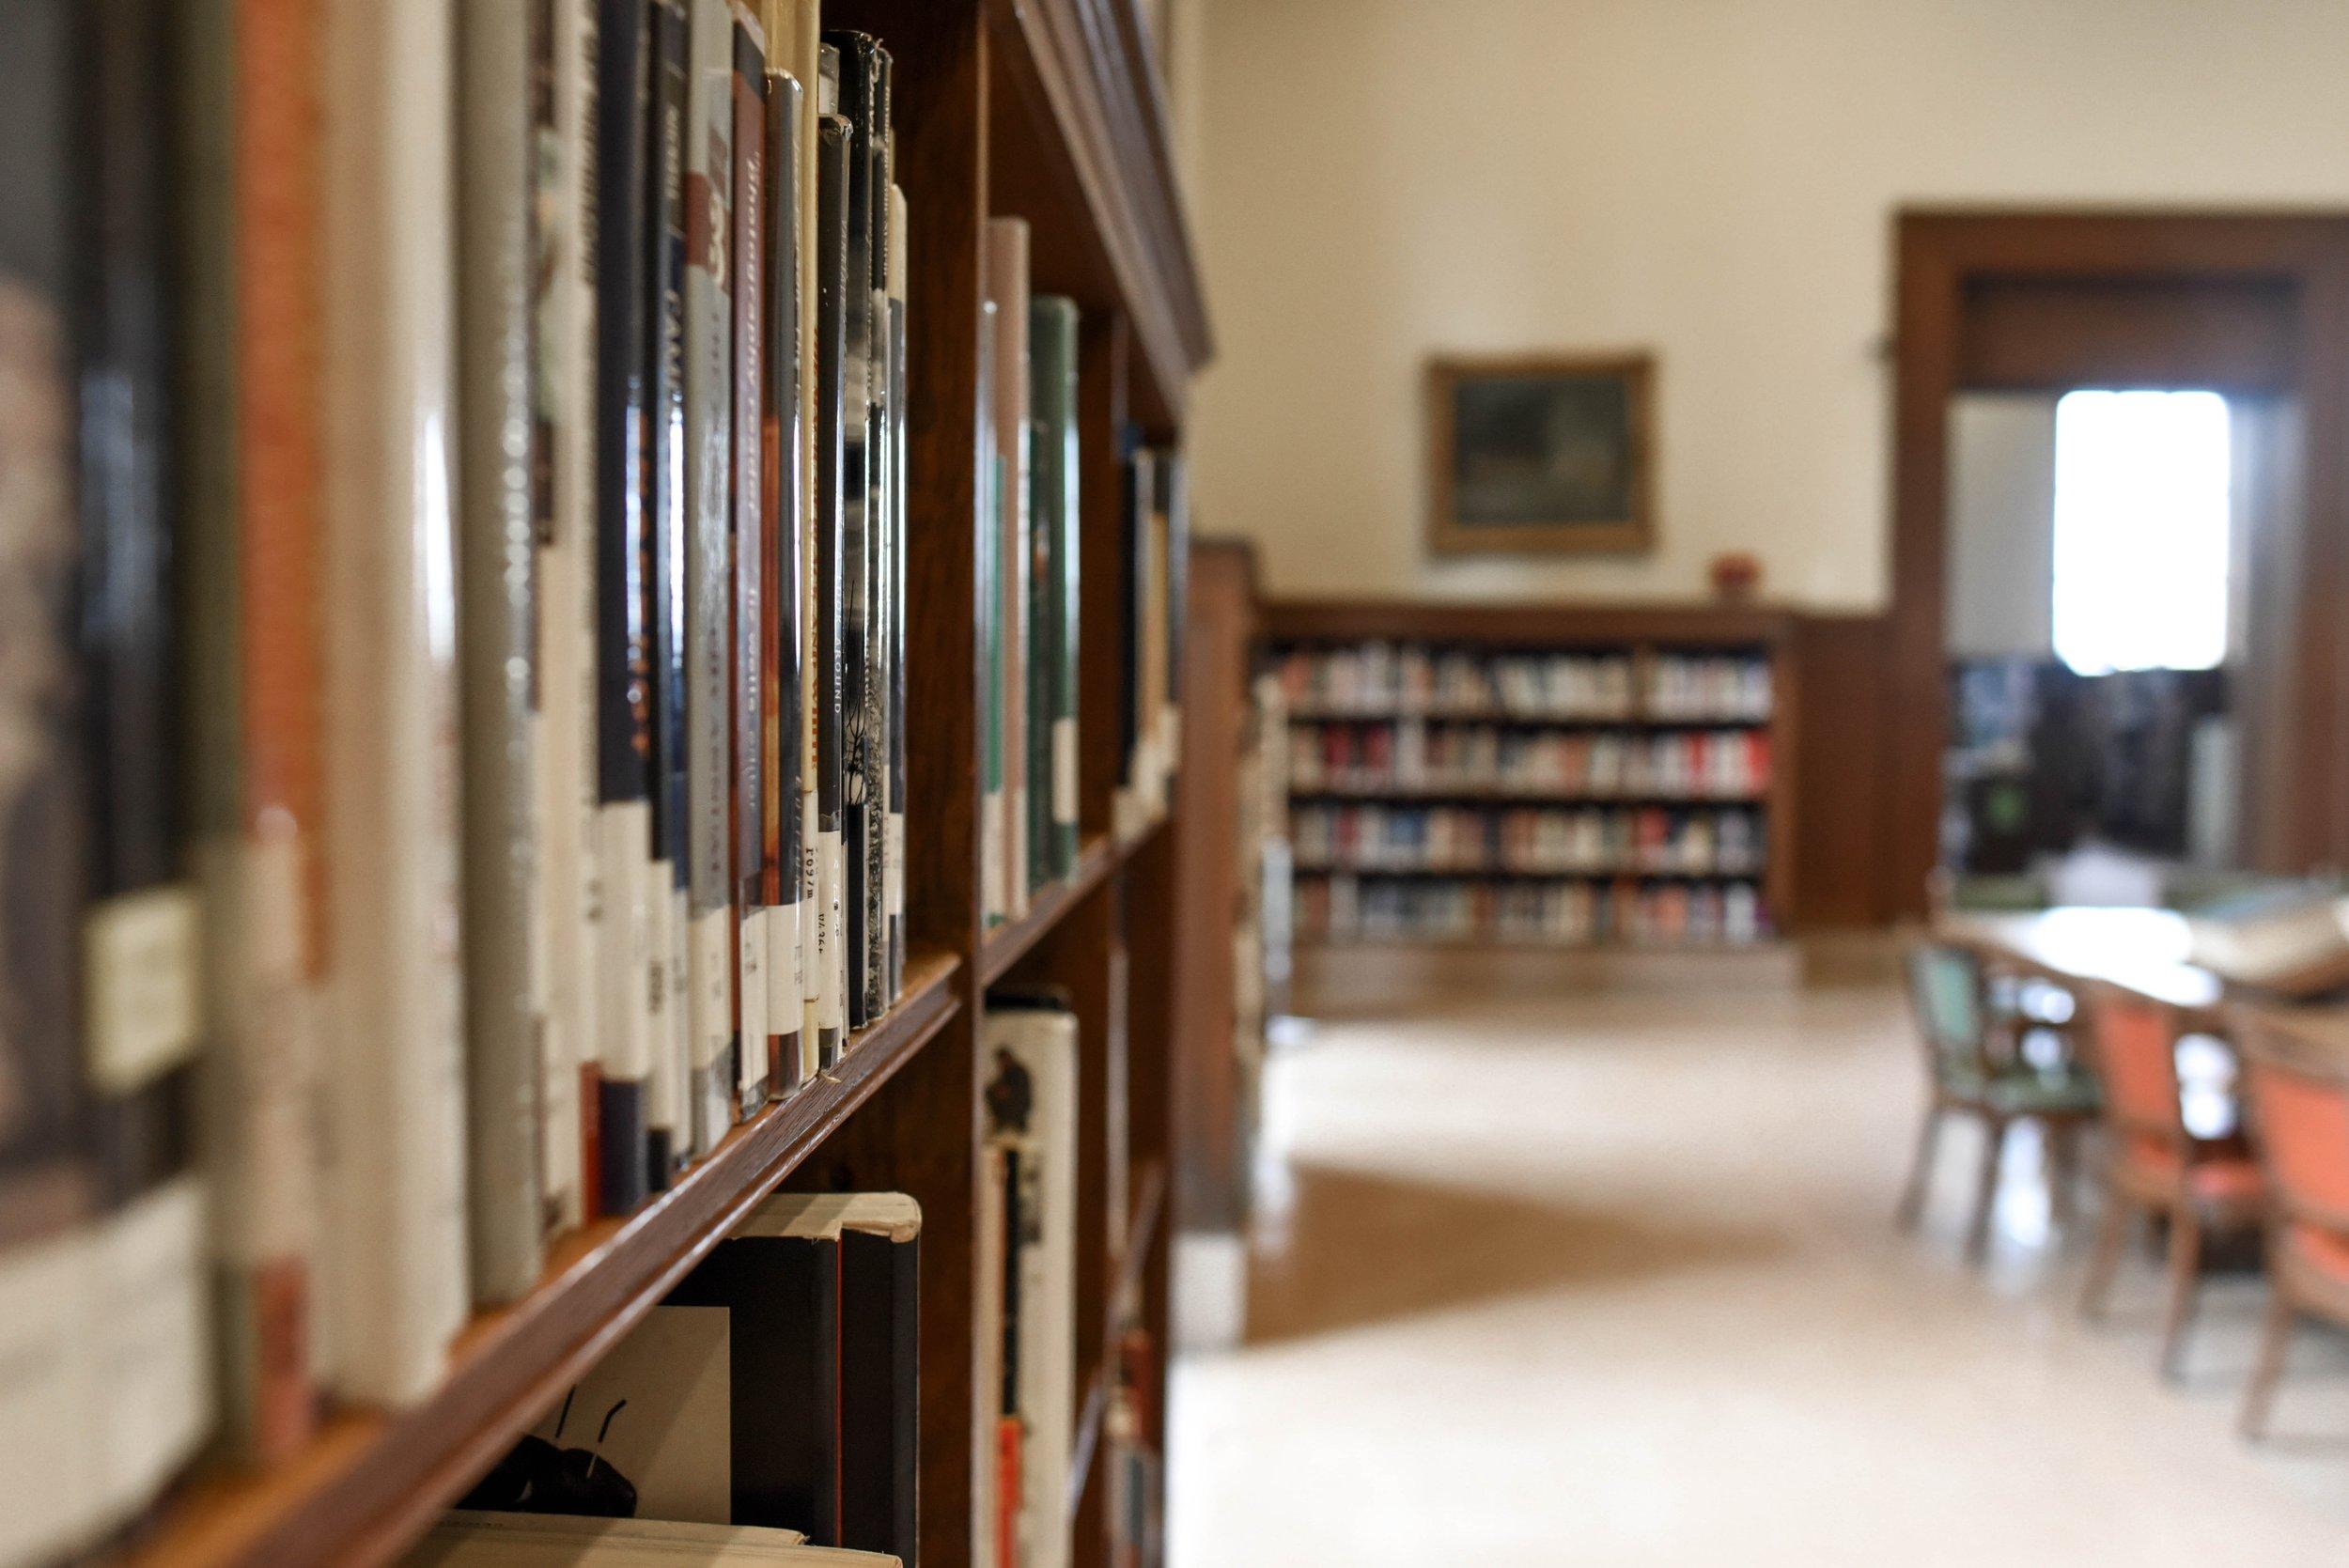 architecture-bookcase-books-1370296.jpg